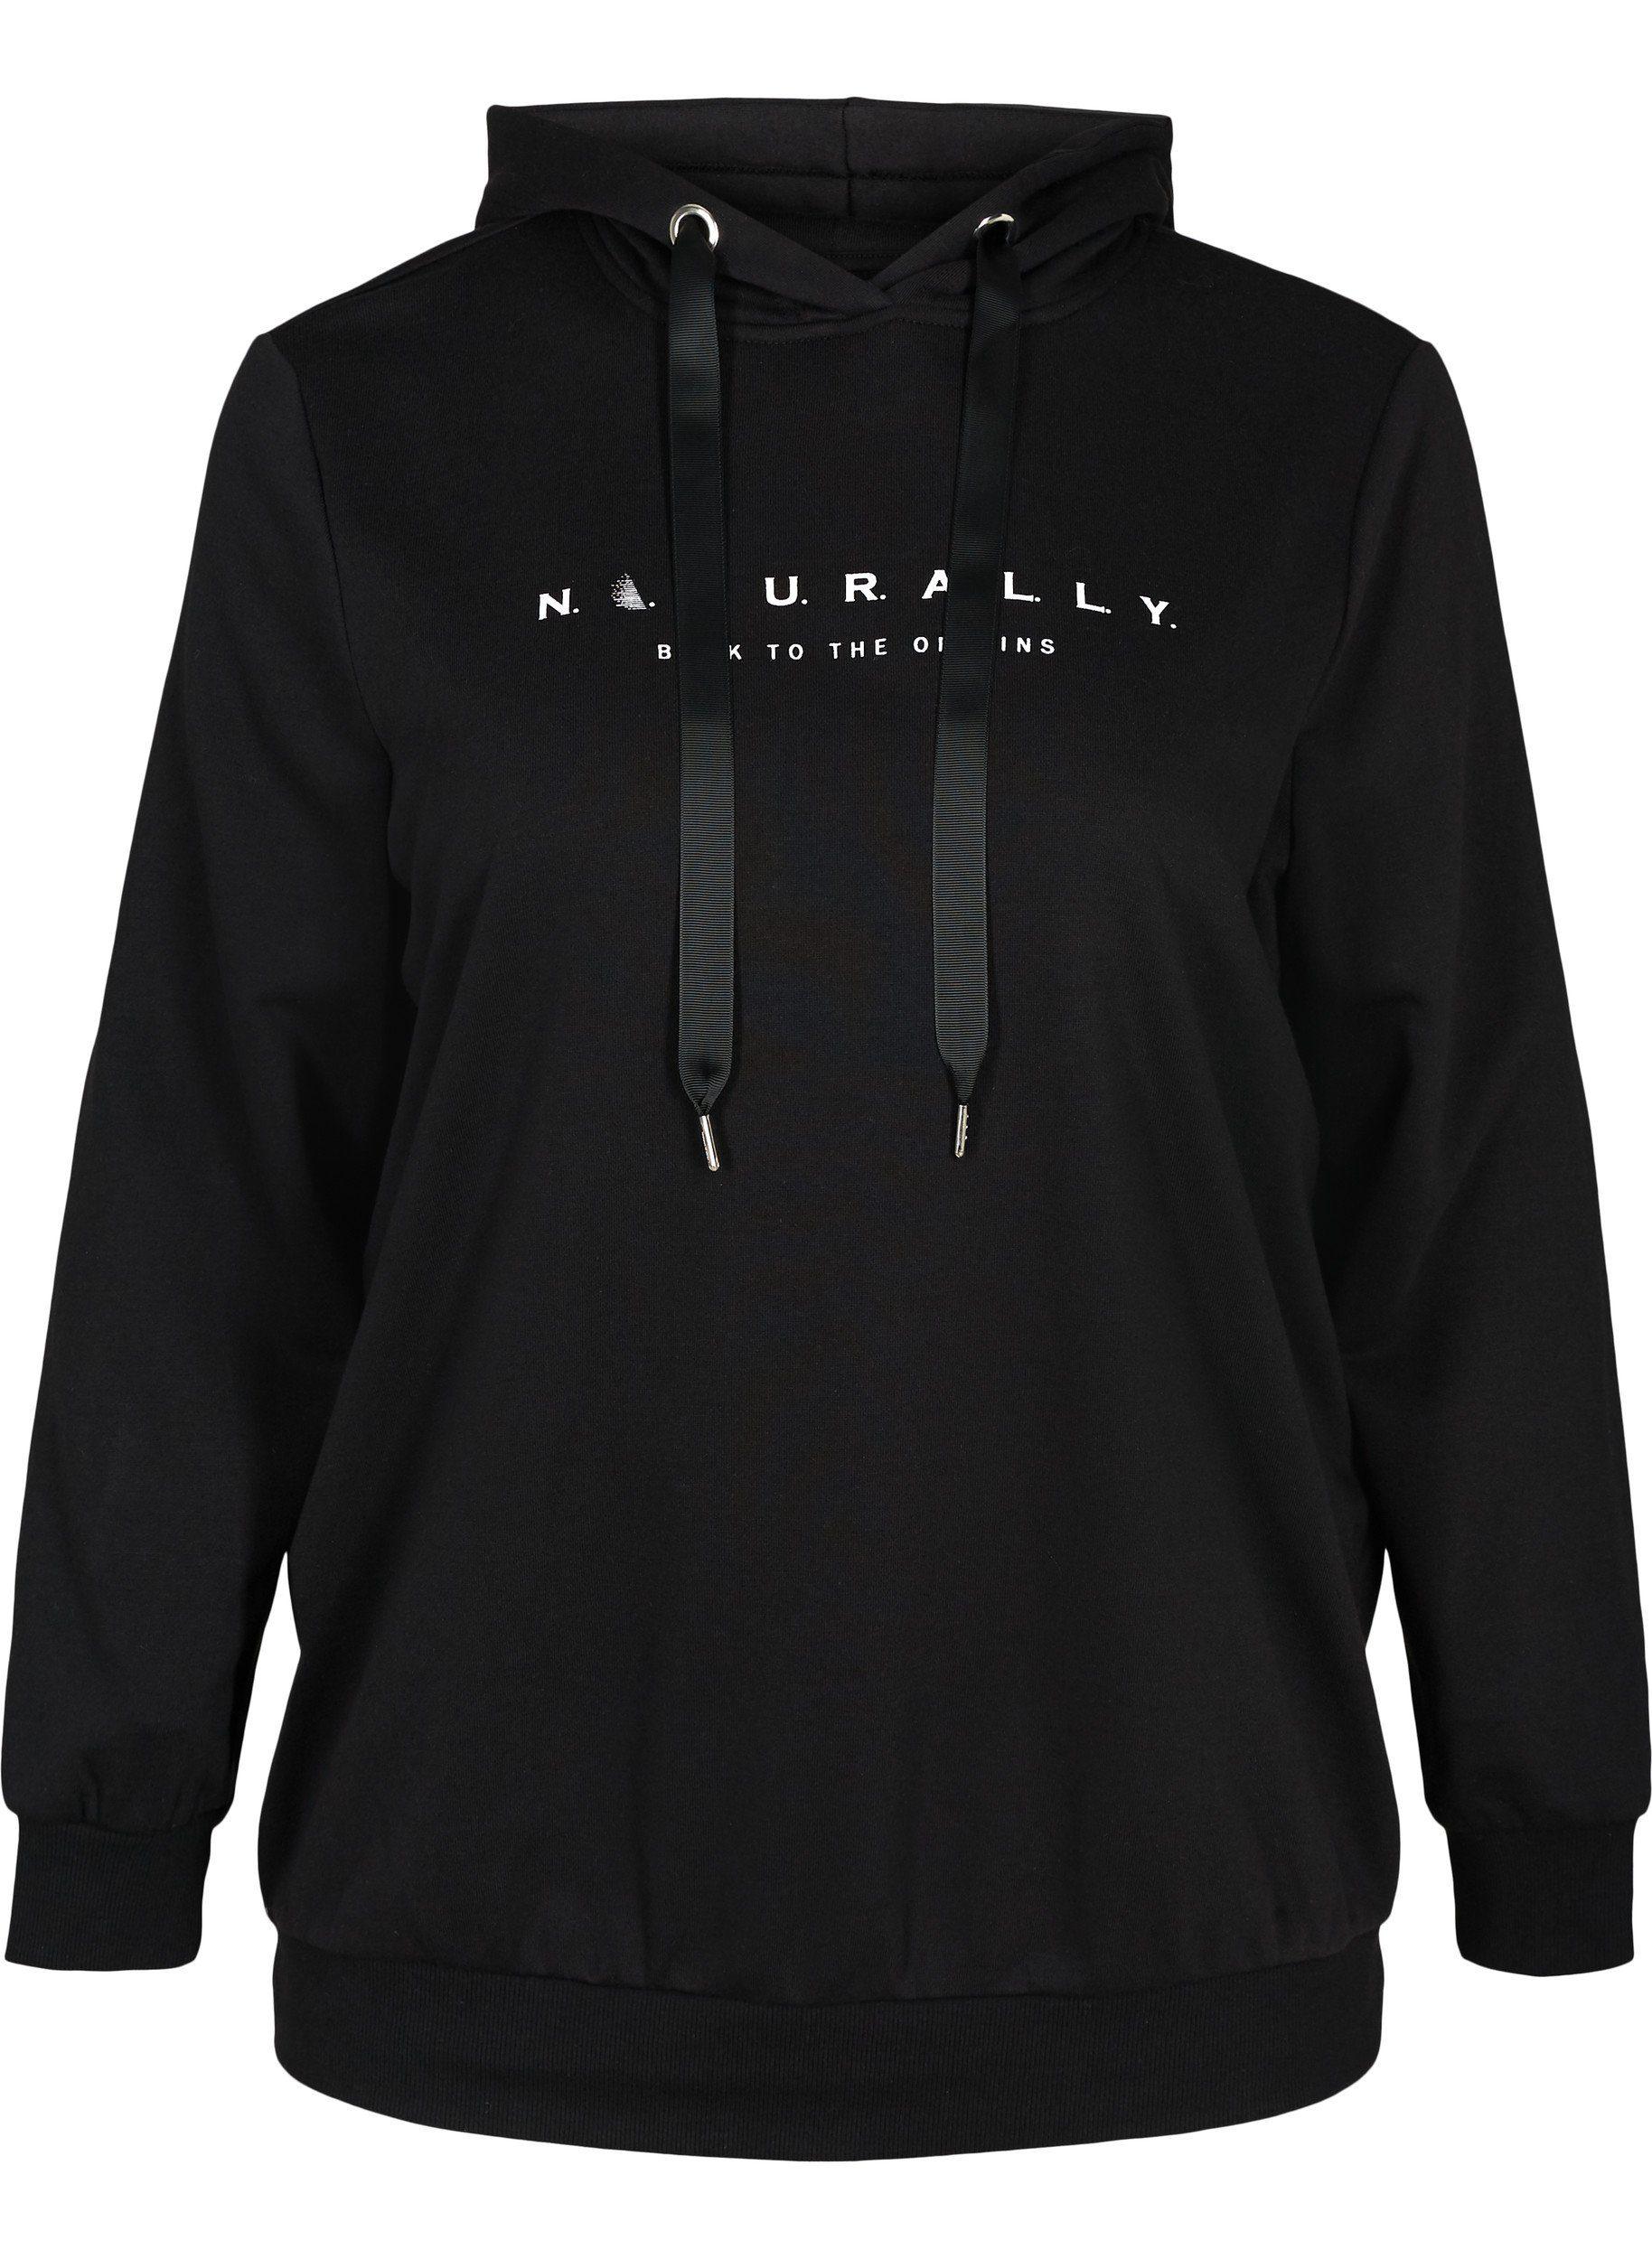 Zizzi Hoodie Große Größen Damen Kapuzen Sweatshirt mit Print und Rippsaum online kaufen | OTTO